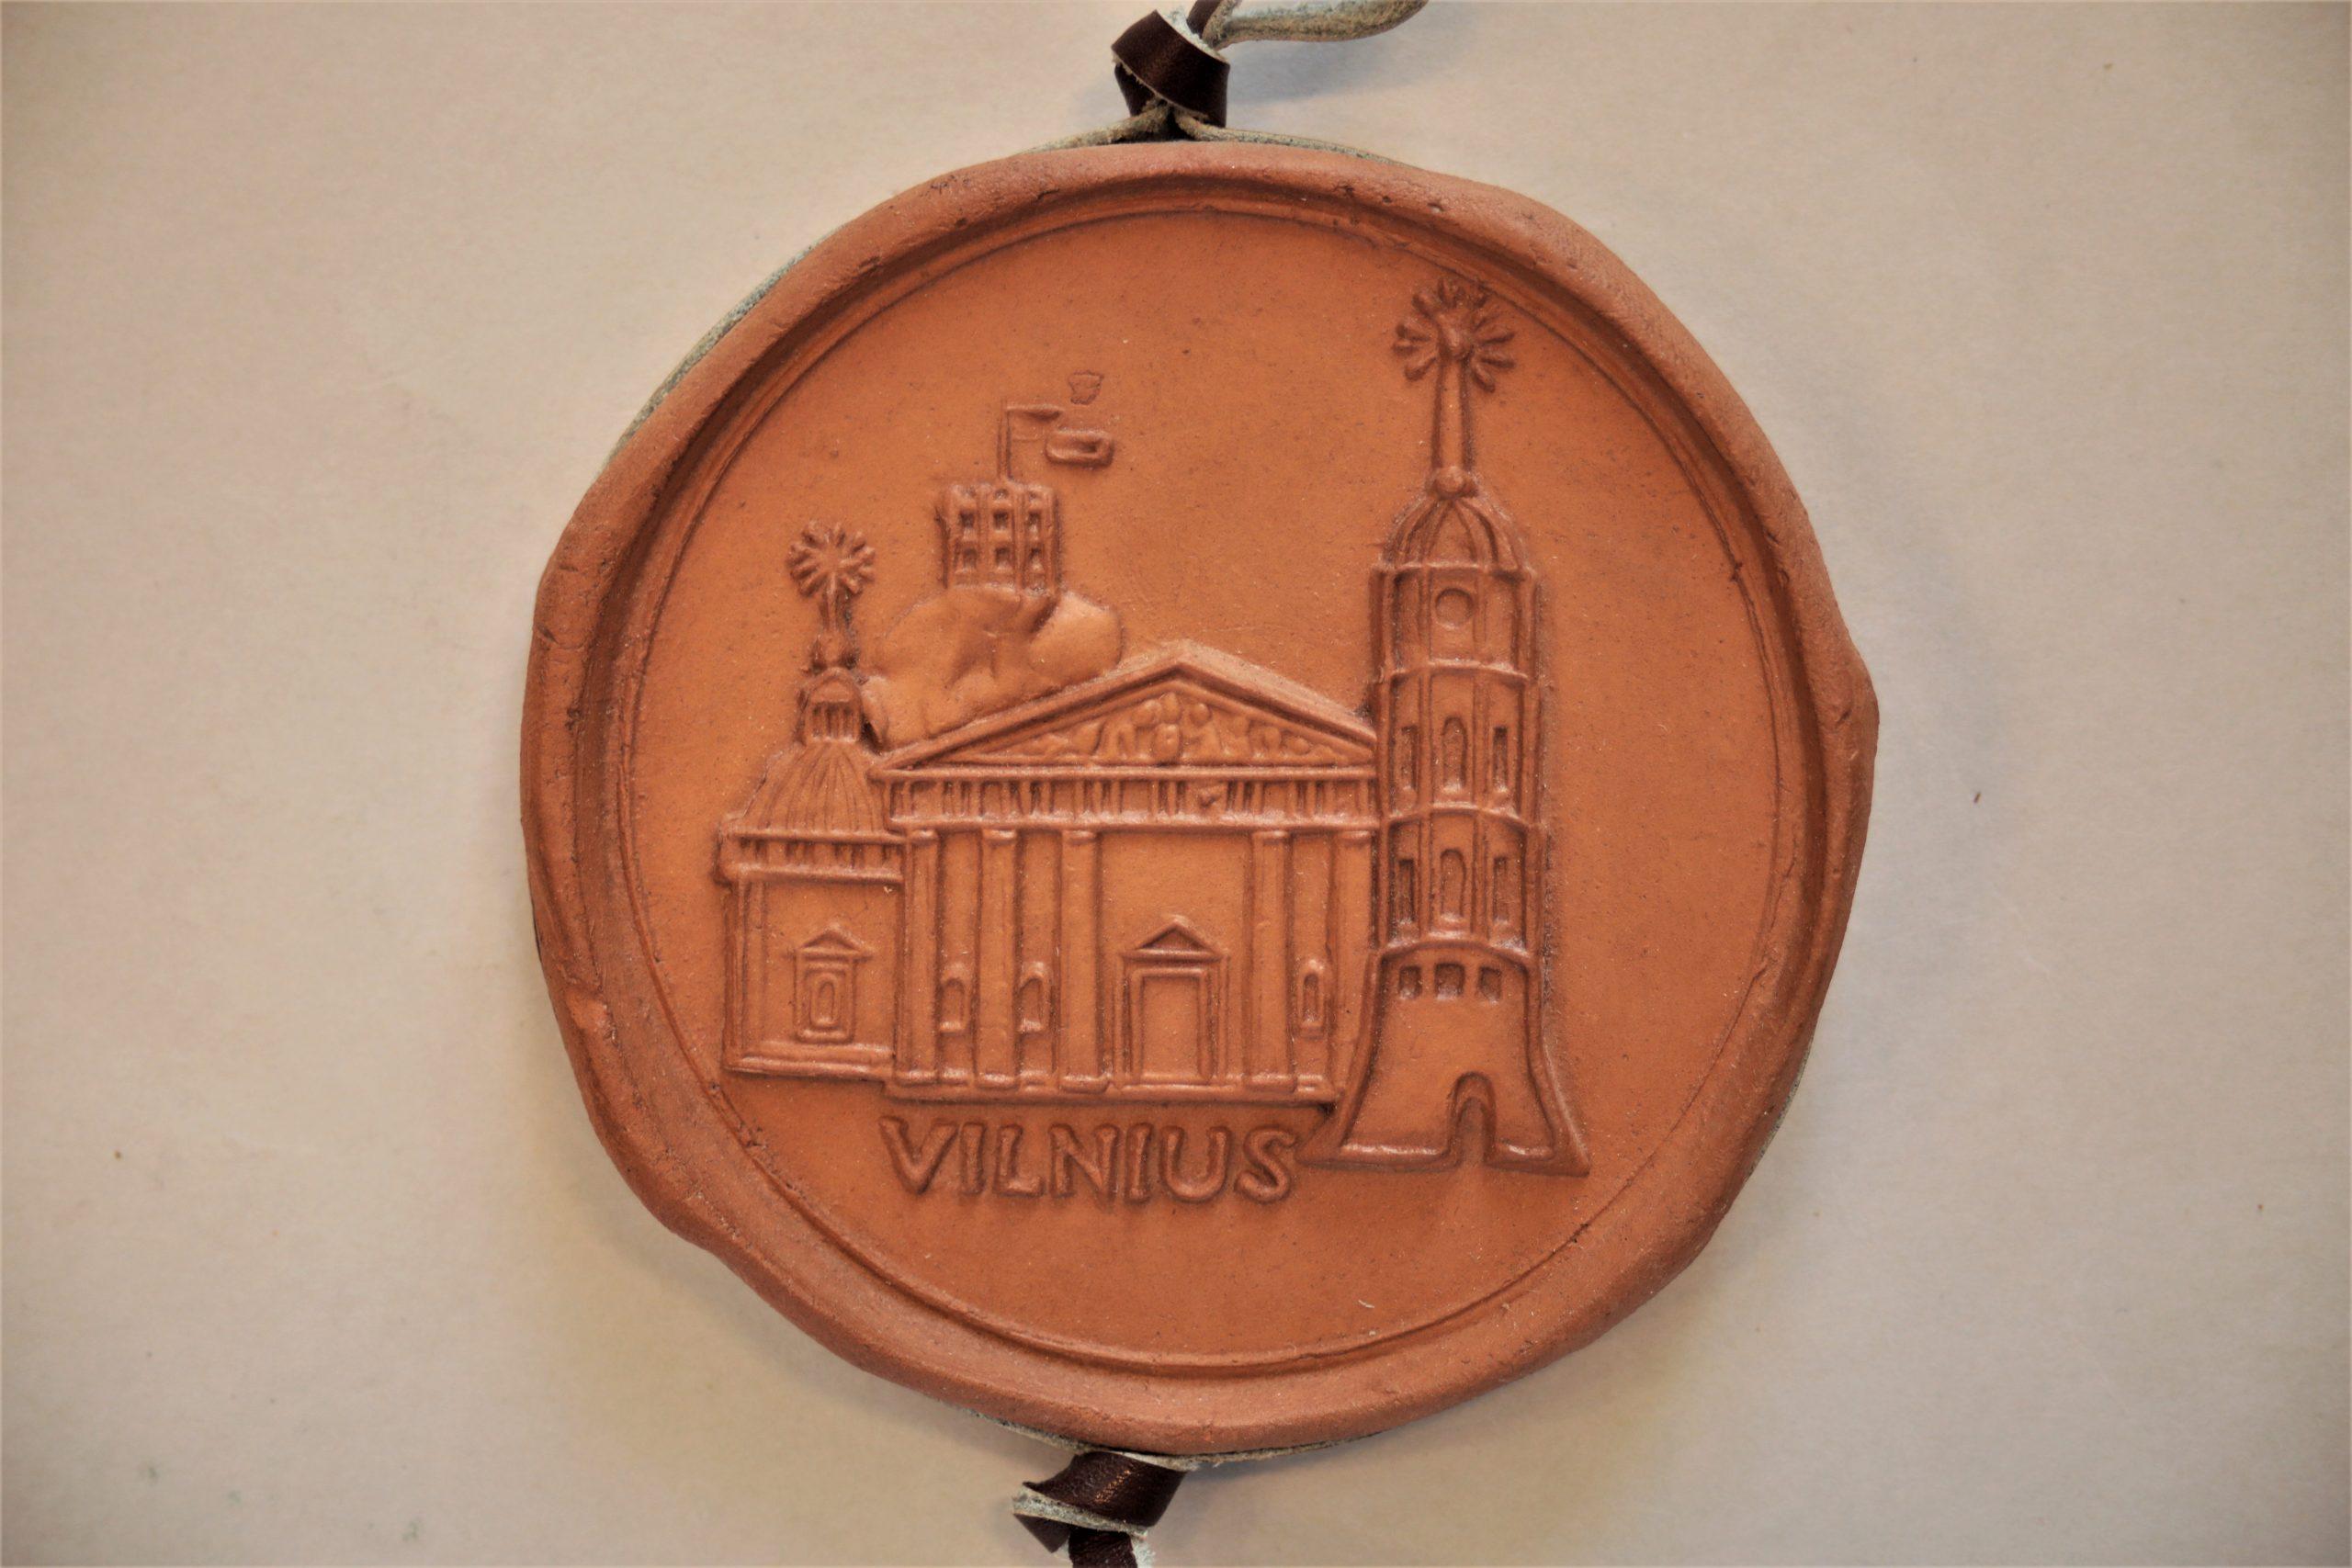 Medalis. Vilnius. Molis. Autorius nežinomas